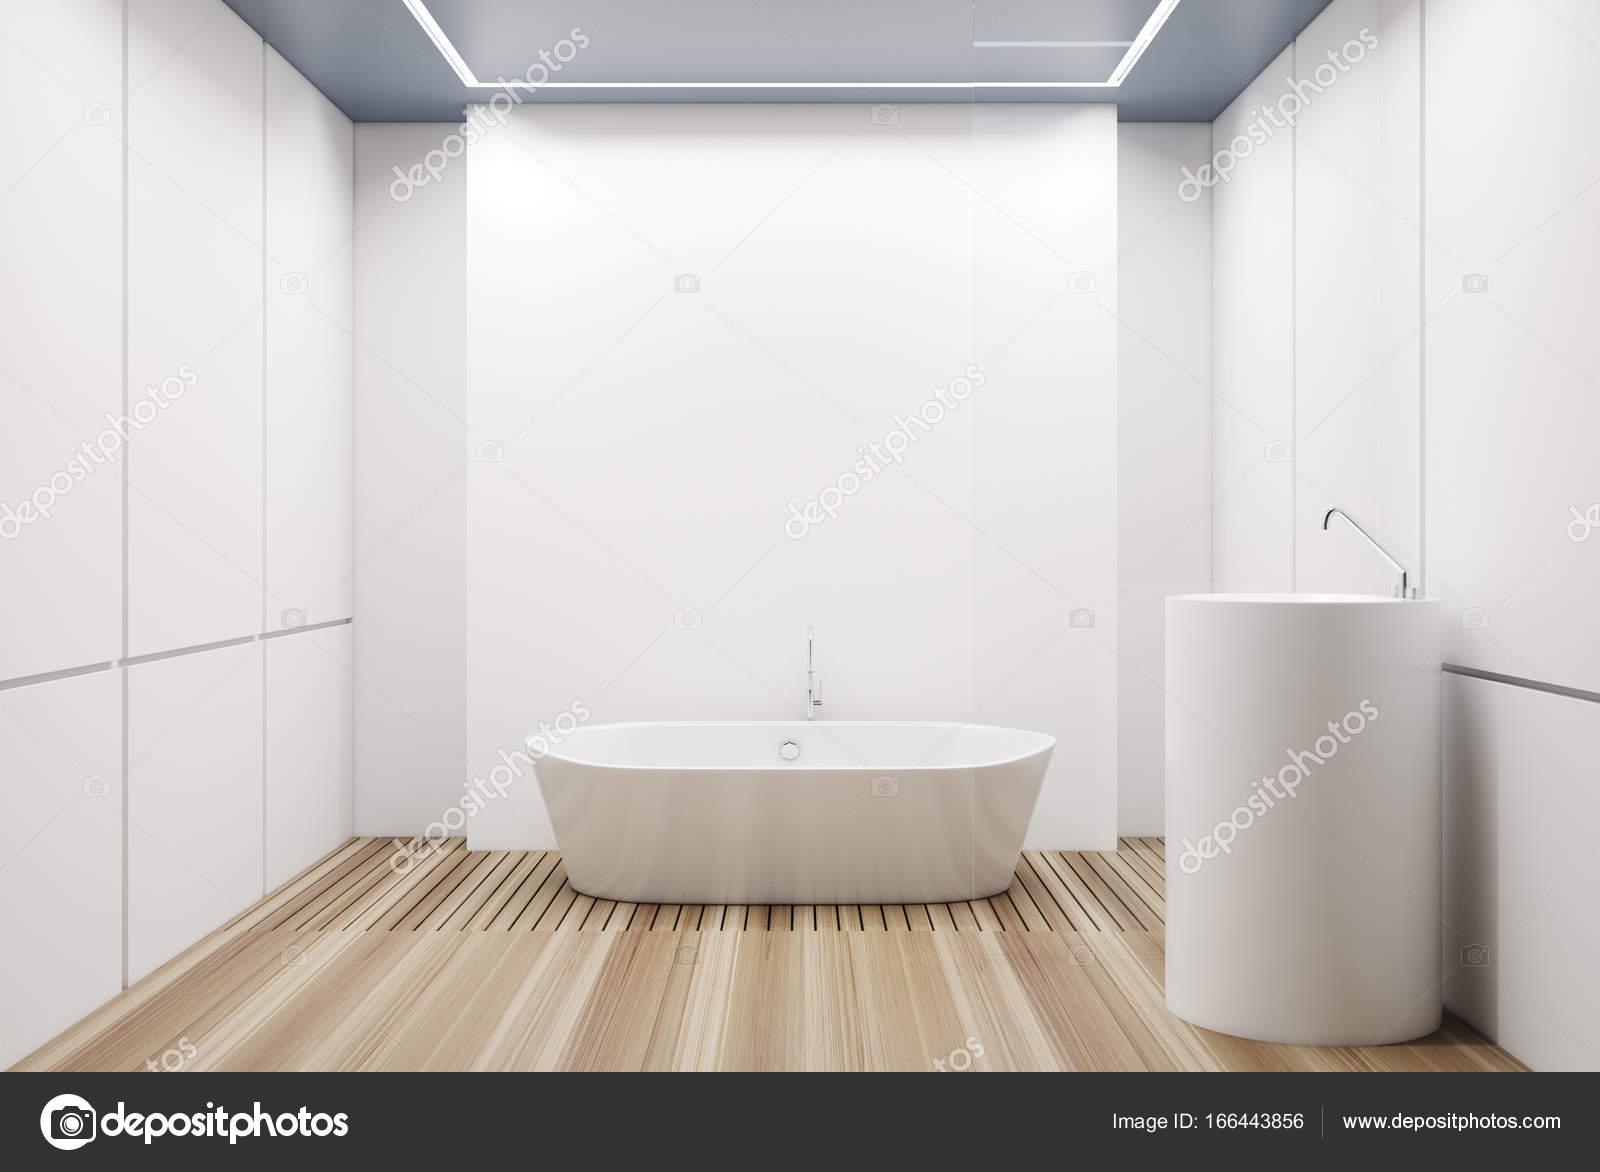 Vasca Da Bagno Espanol : Vasca da bagno bianco con piastrelle bianche u2014 foto stock